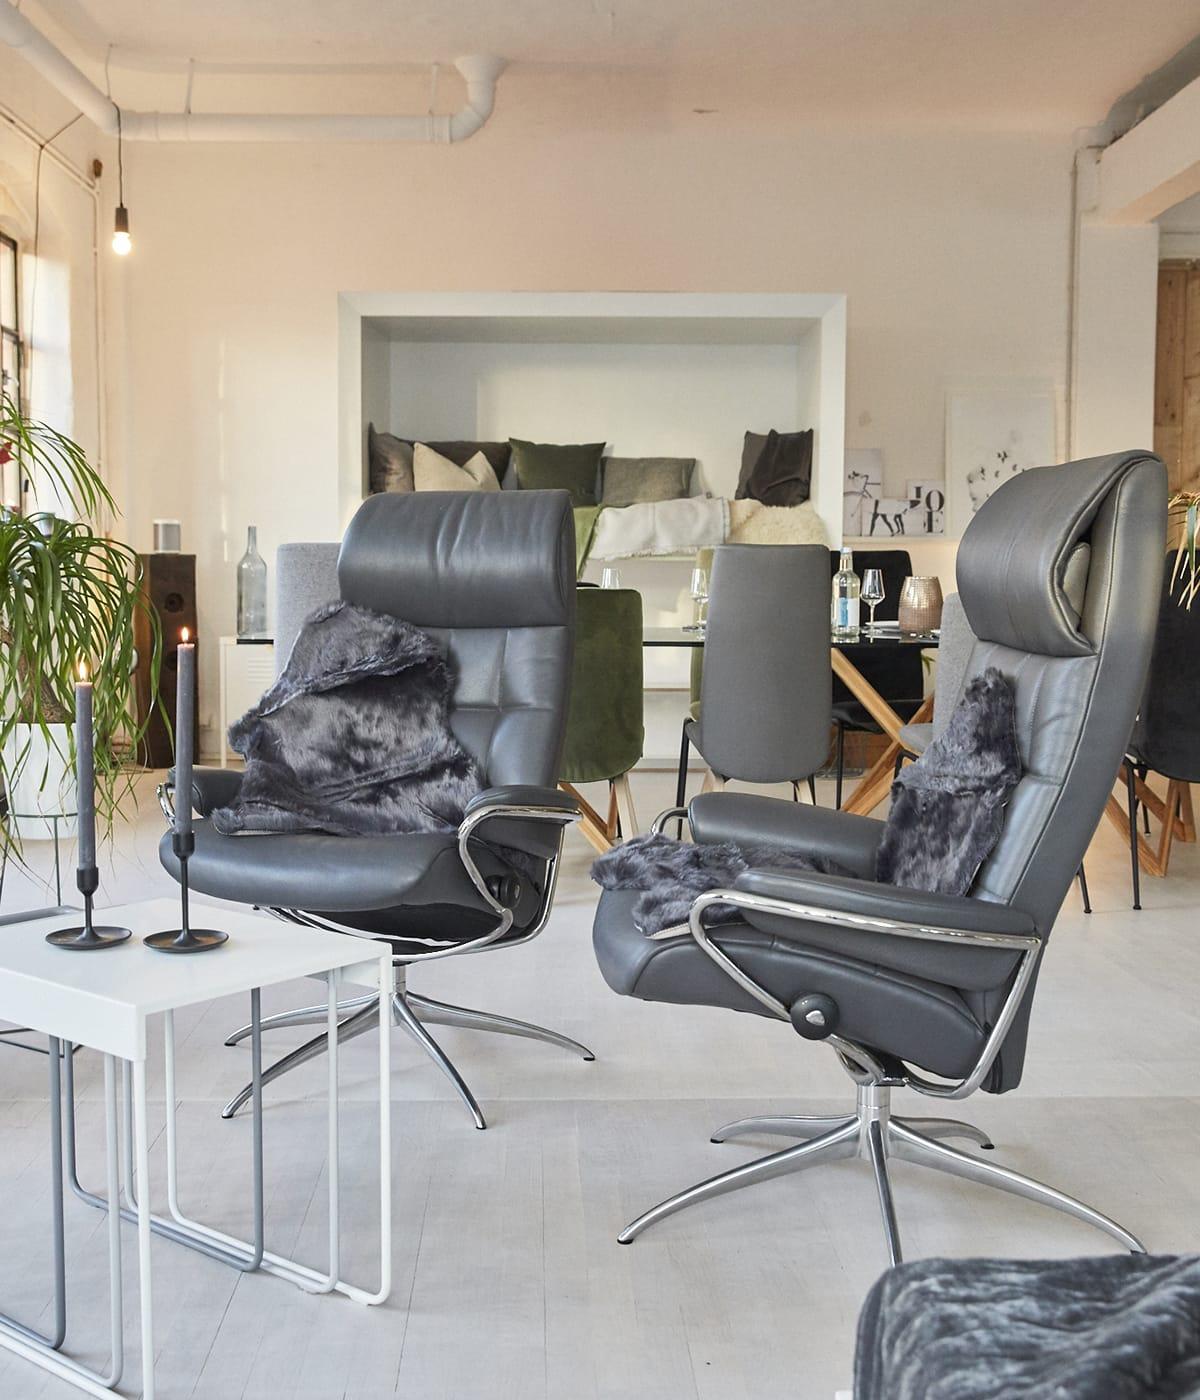 Nun, in der hyggeligen Weihnachtszeit, ist es an der Zeit, Schaffelle und kuschelige Decken auf den Stressless Sesseln zu verteilen.